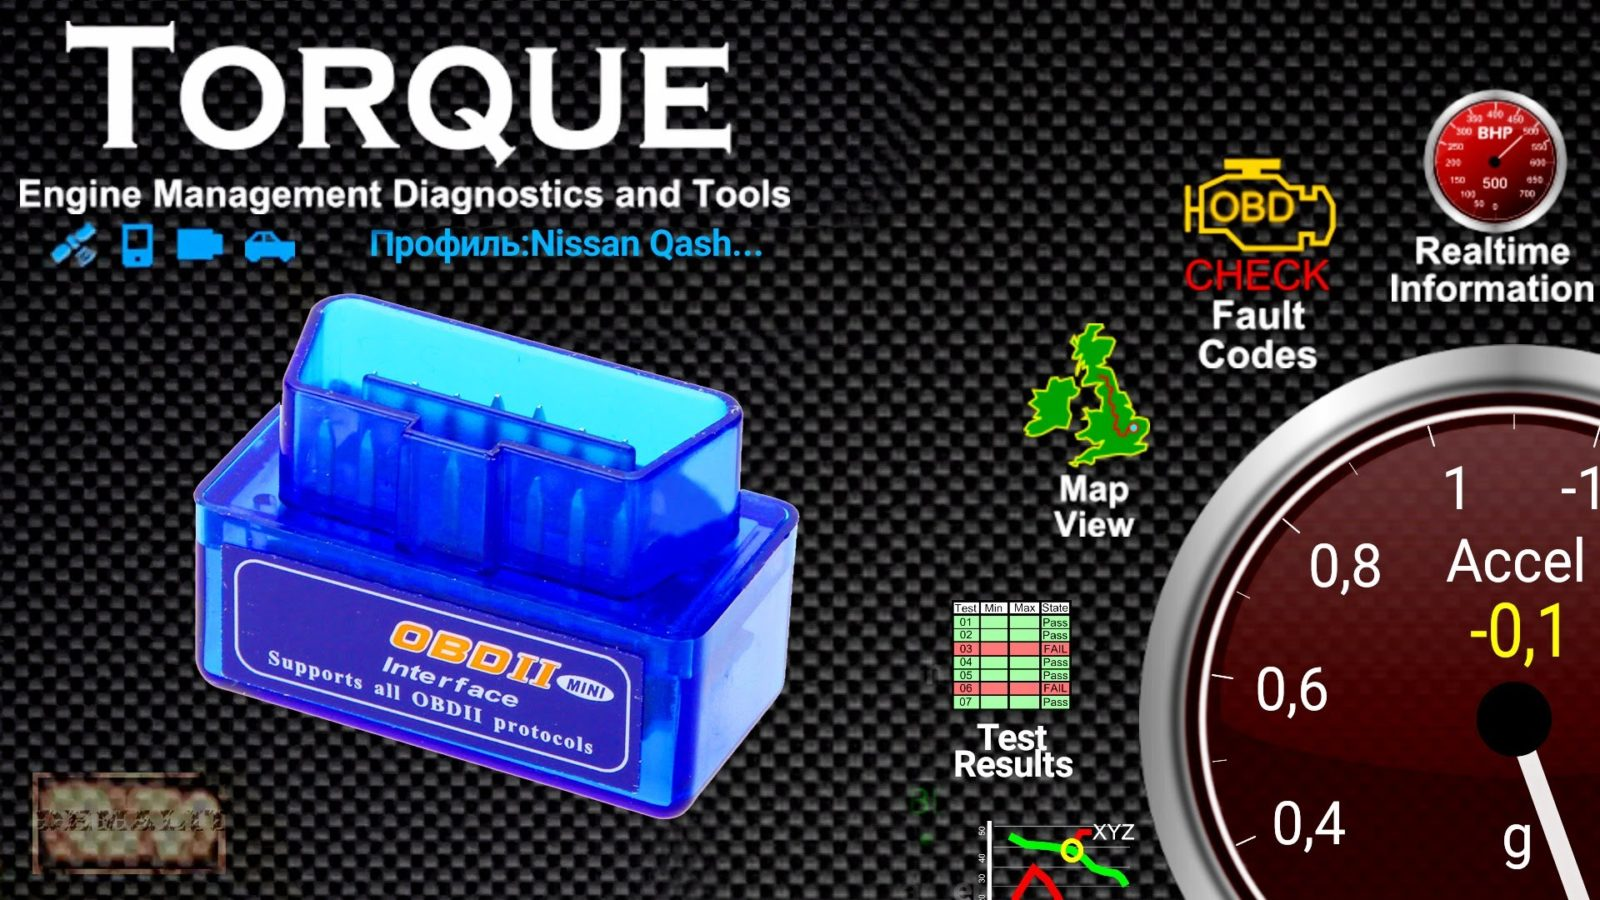 Диагностика авто на Torque